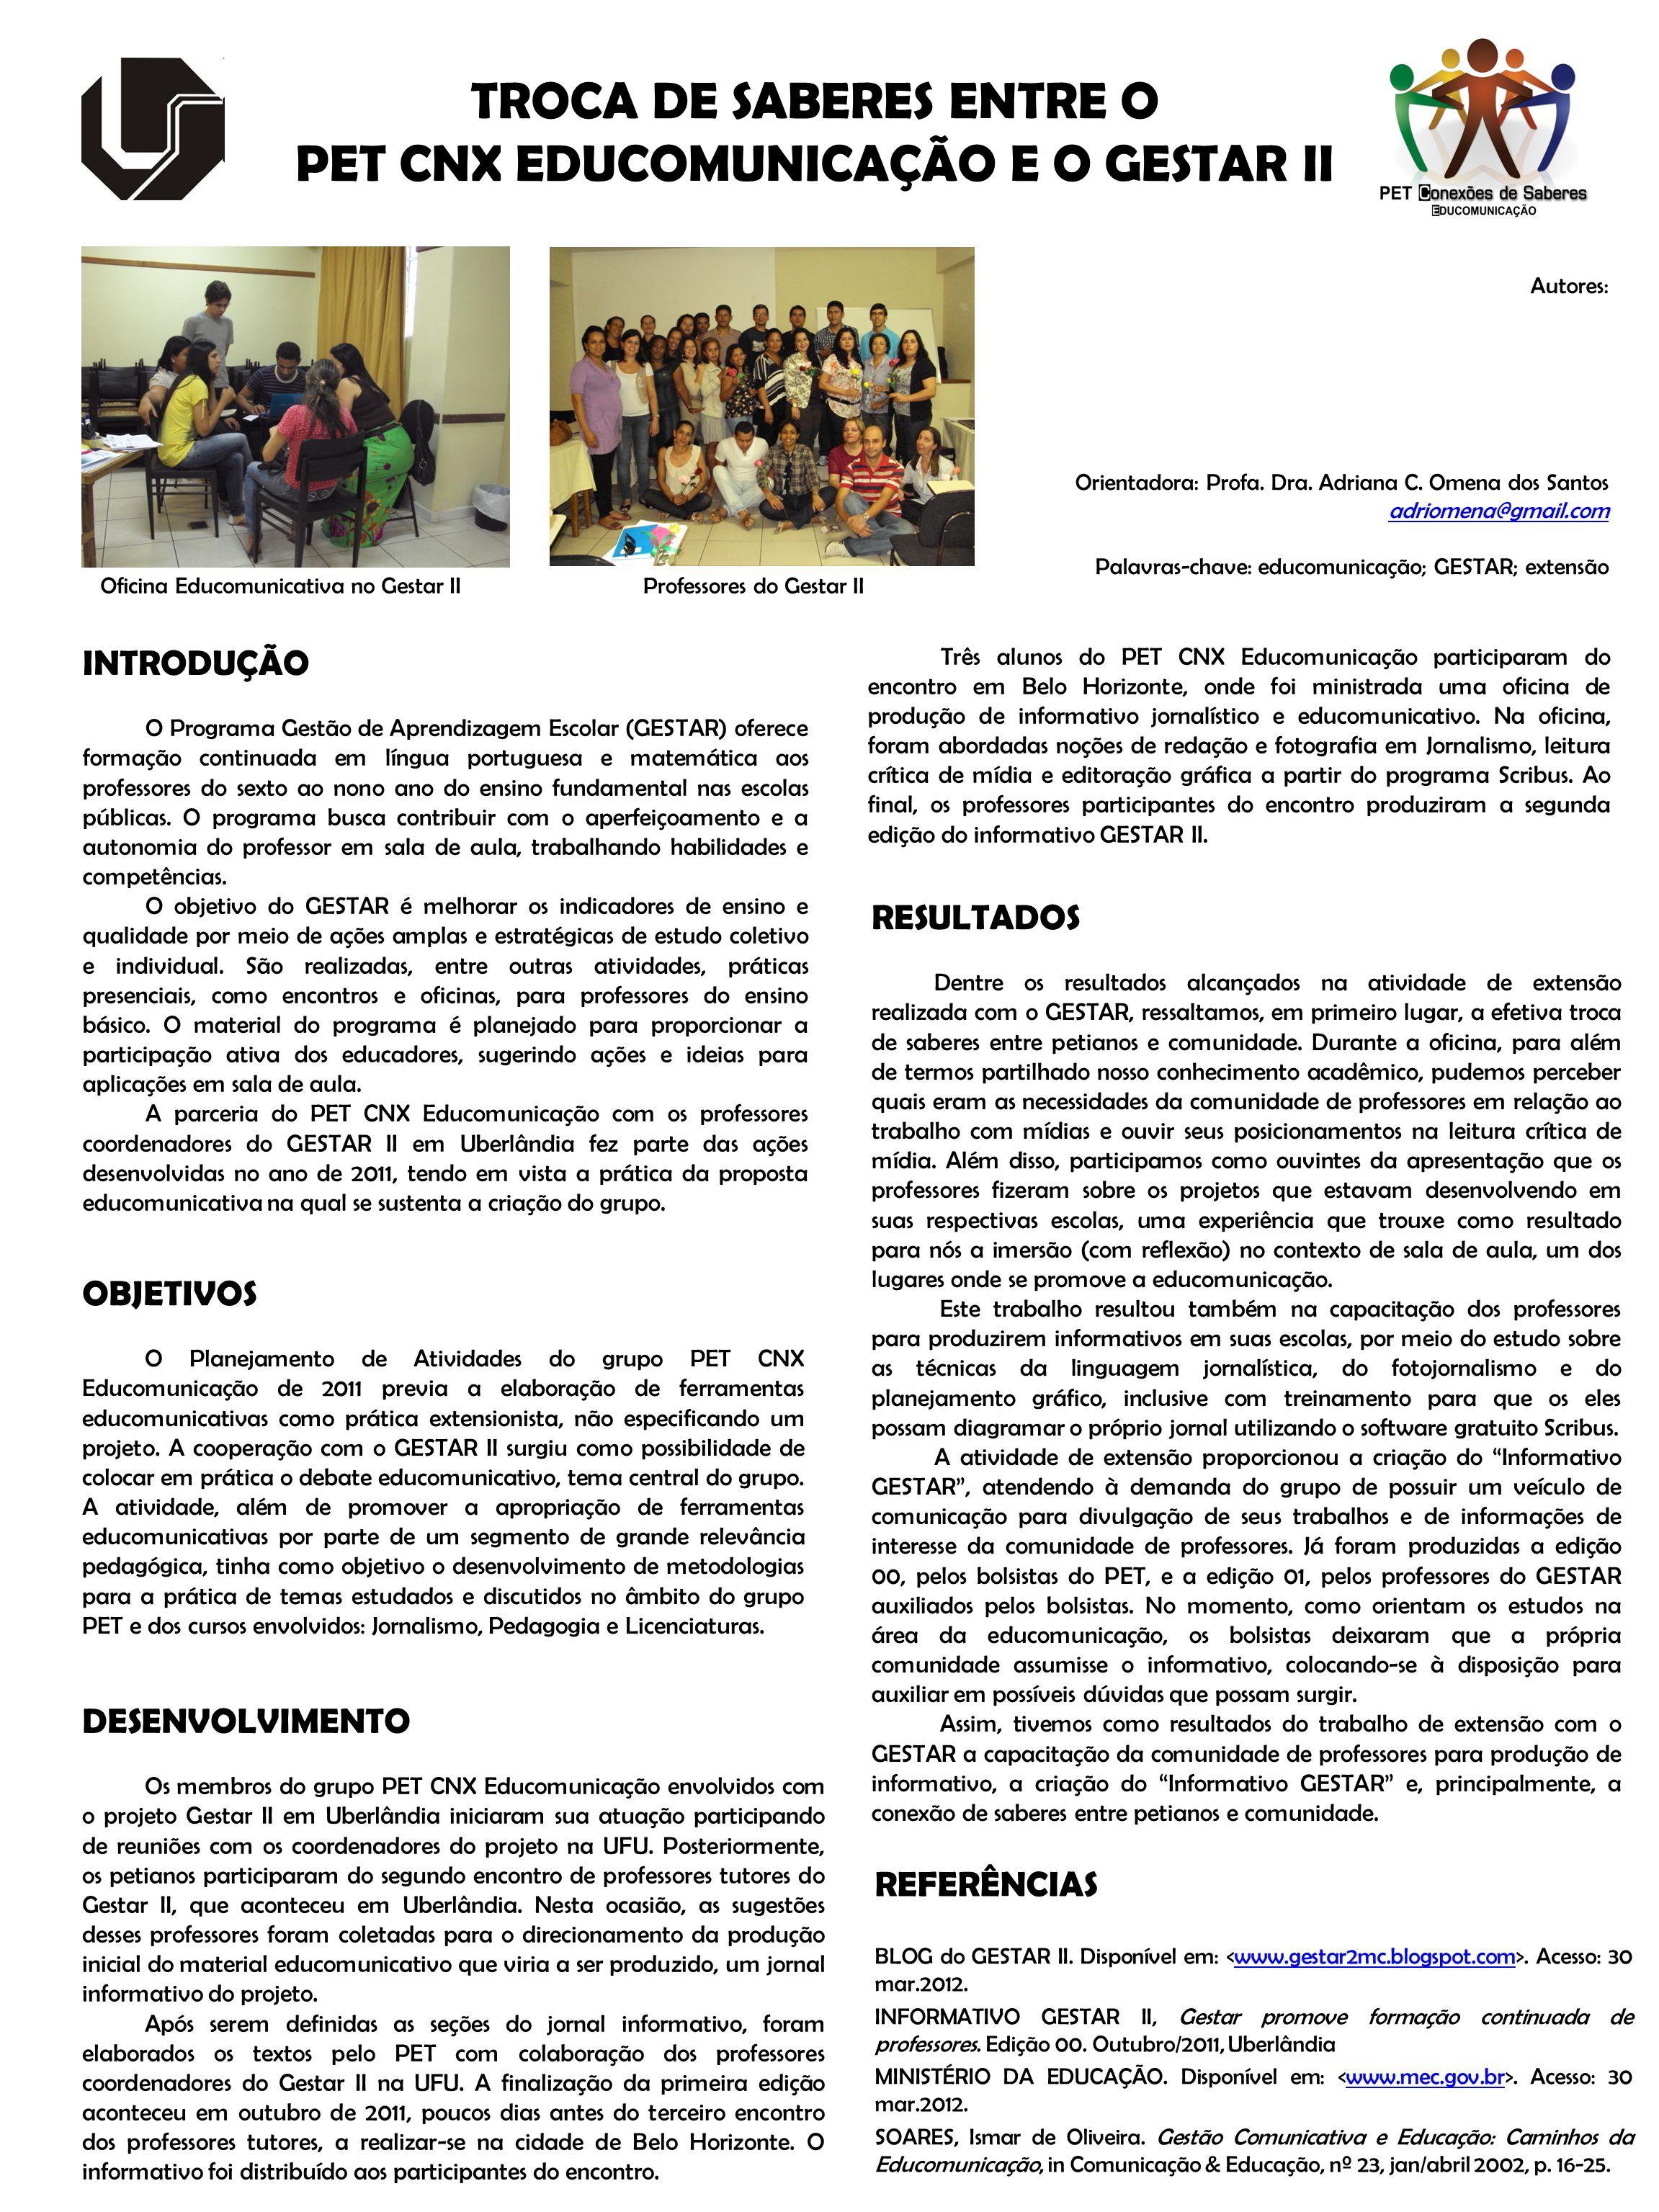 TROCA DE SABERES ENTRE O PET CNX EDUCOMUNICAÇÃO E O GESTAR II